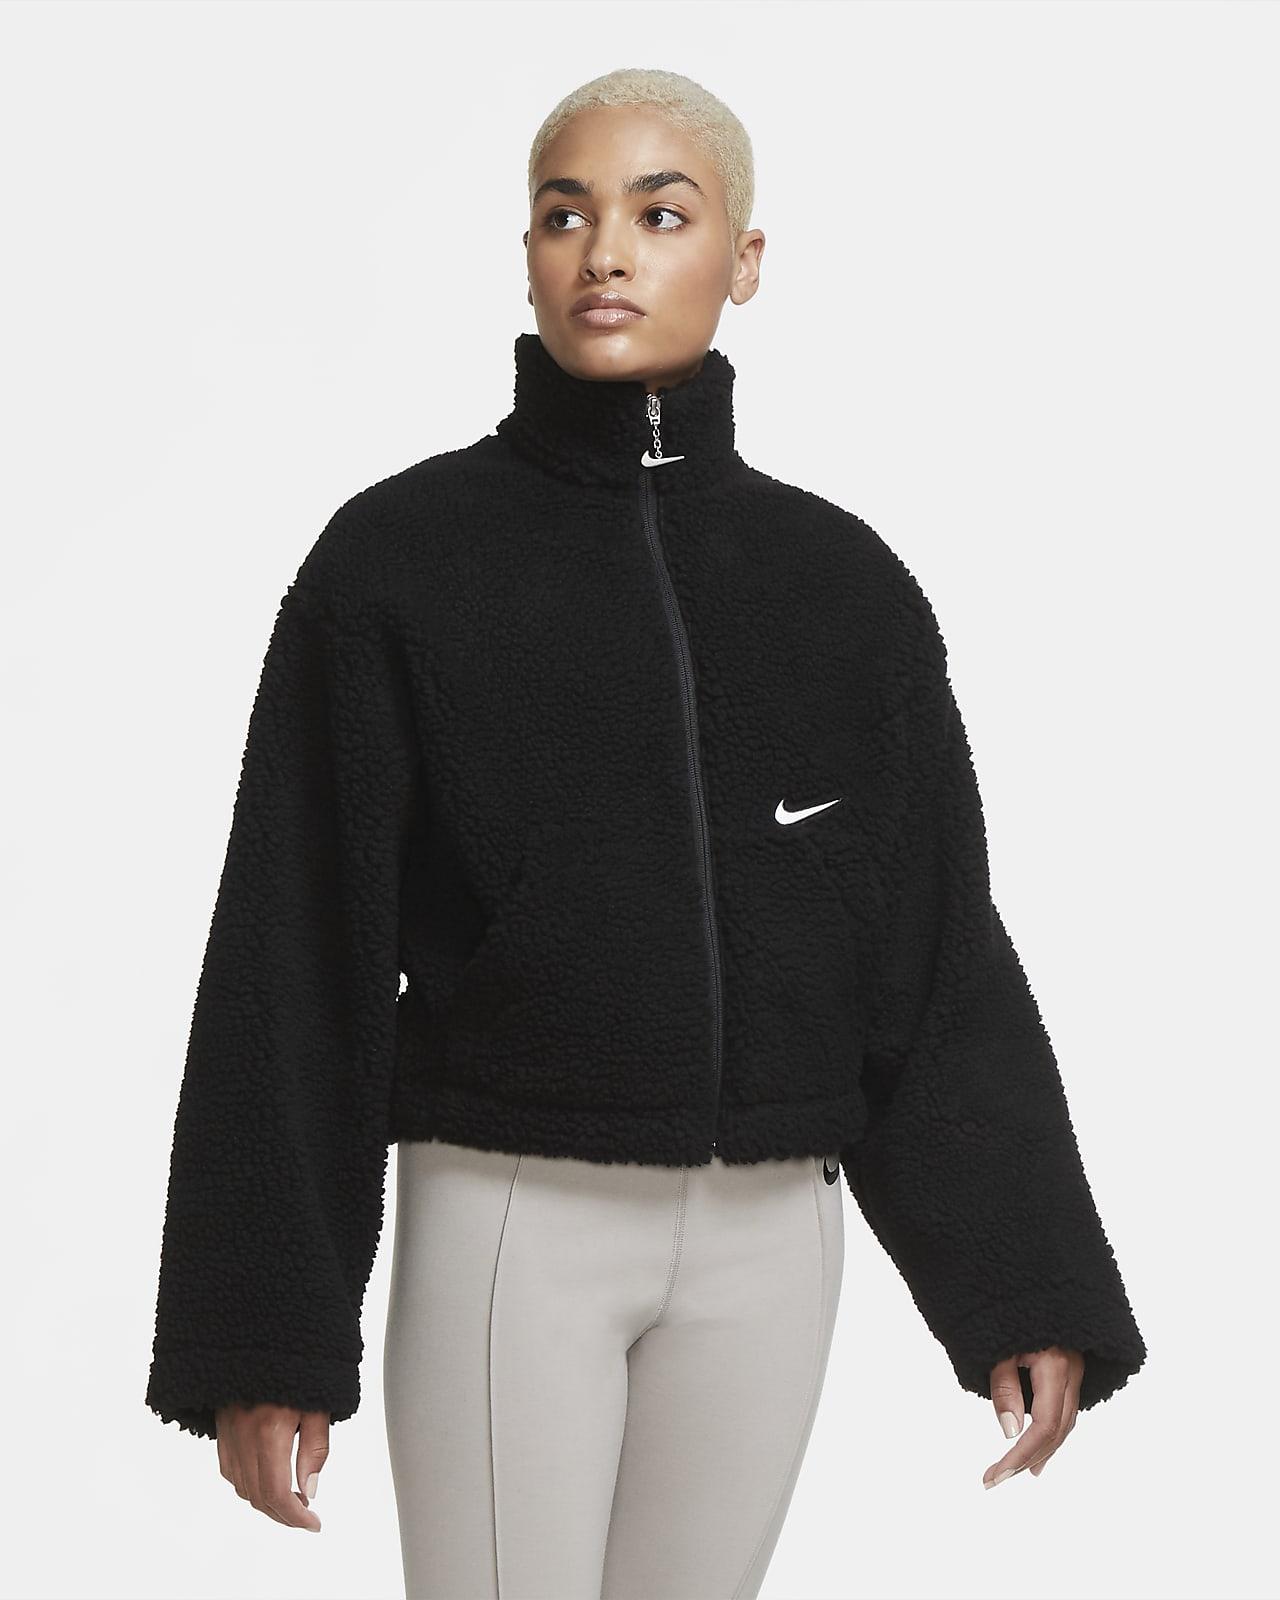 Nike Sportswear Swoosh Chaqueta - Mujer